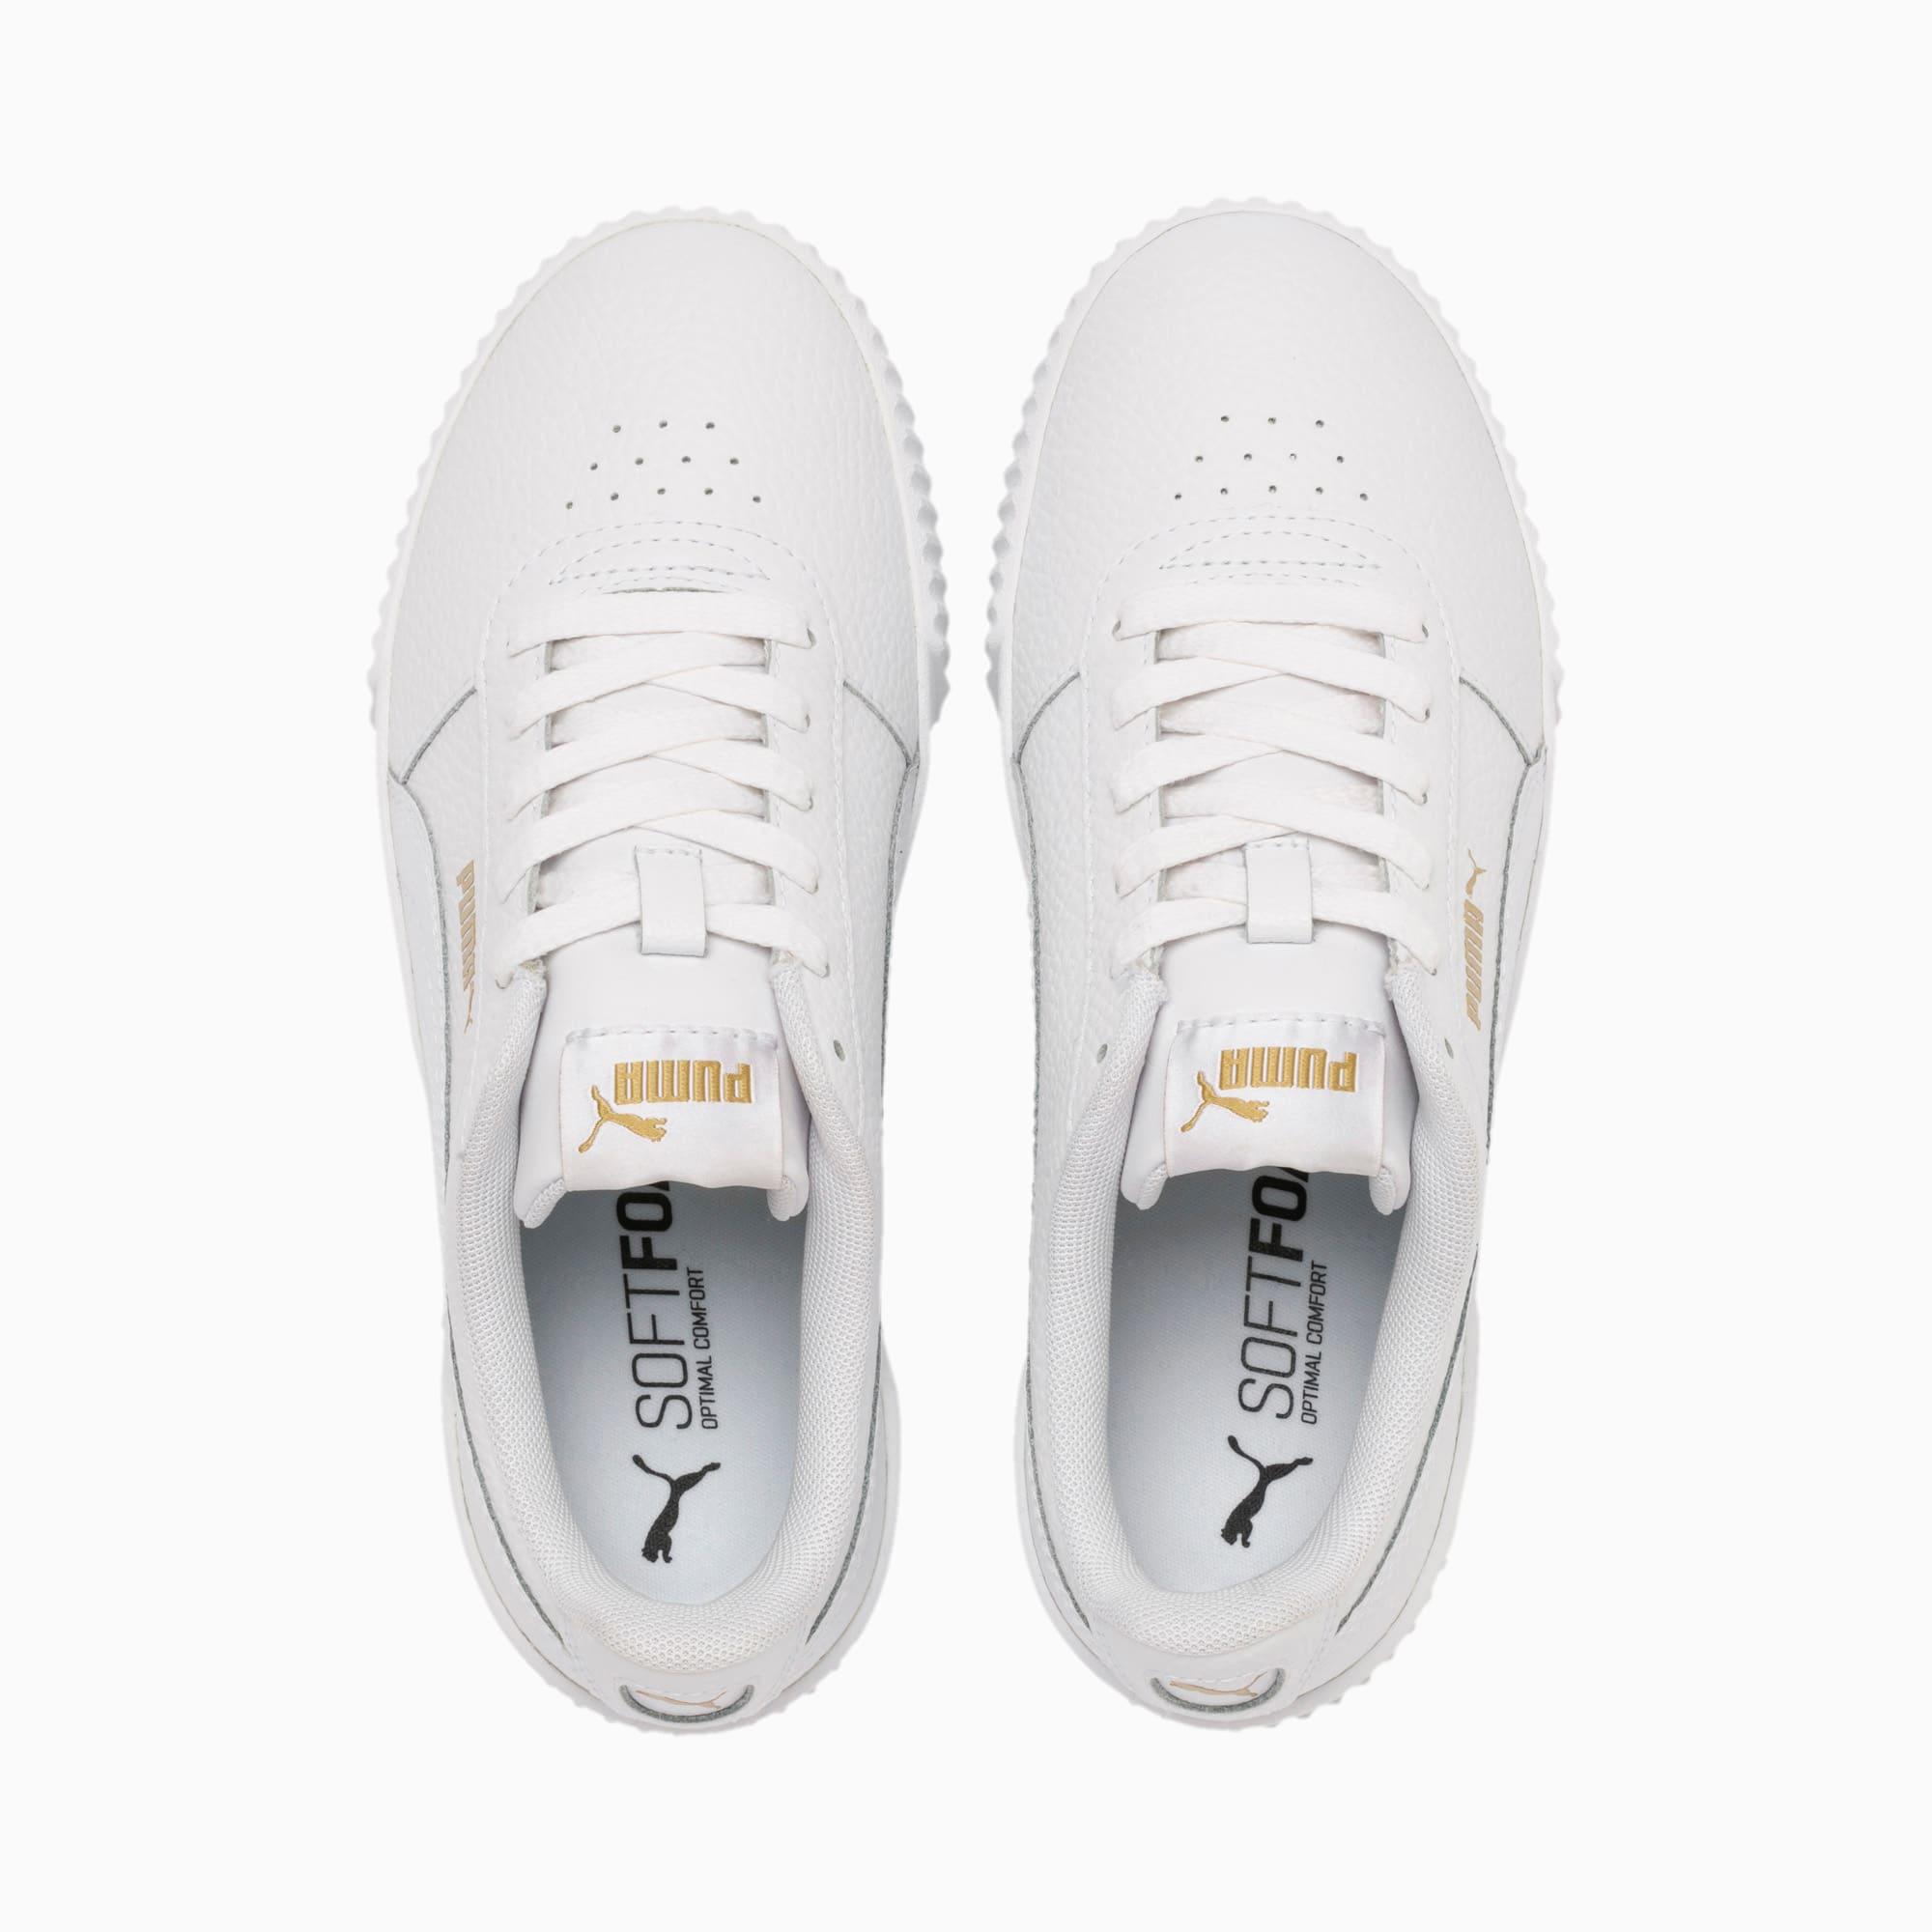 Carina Lux Damen Sneaker | Puma White Puma White | PUMA